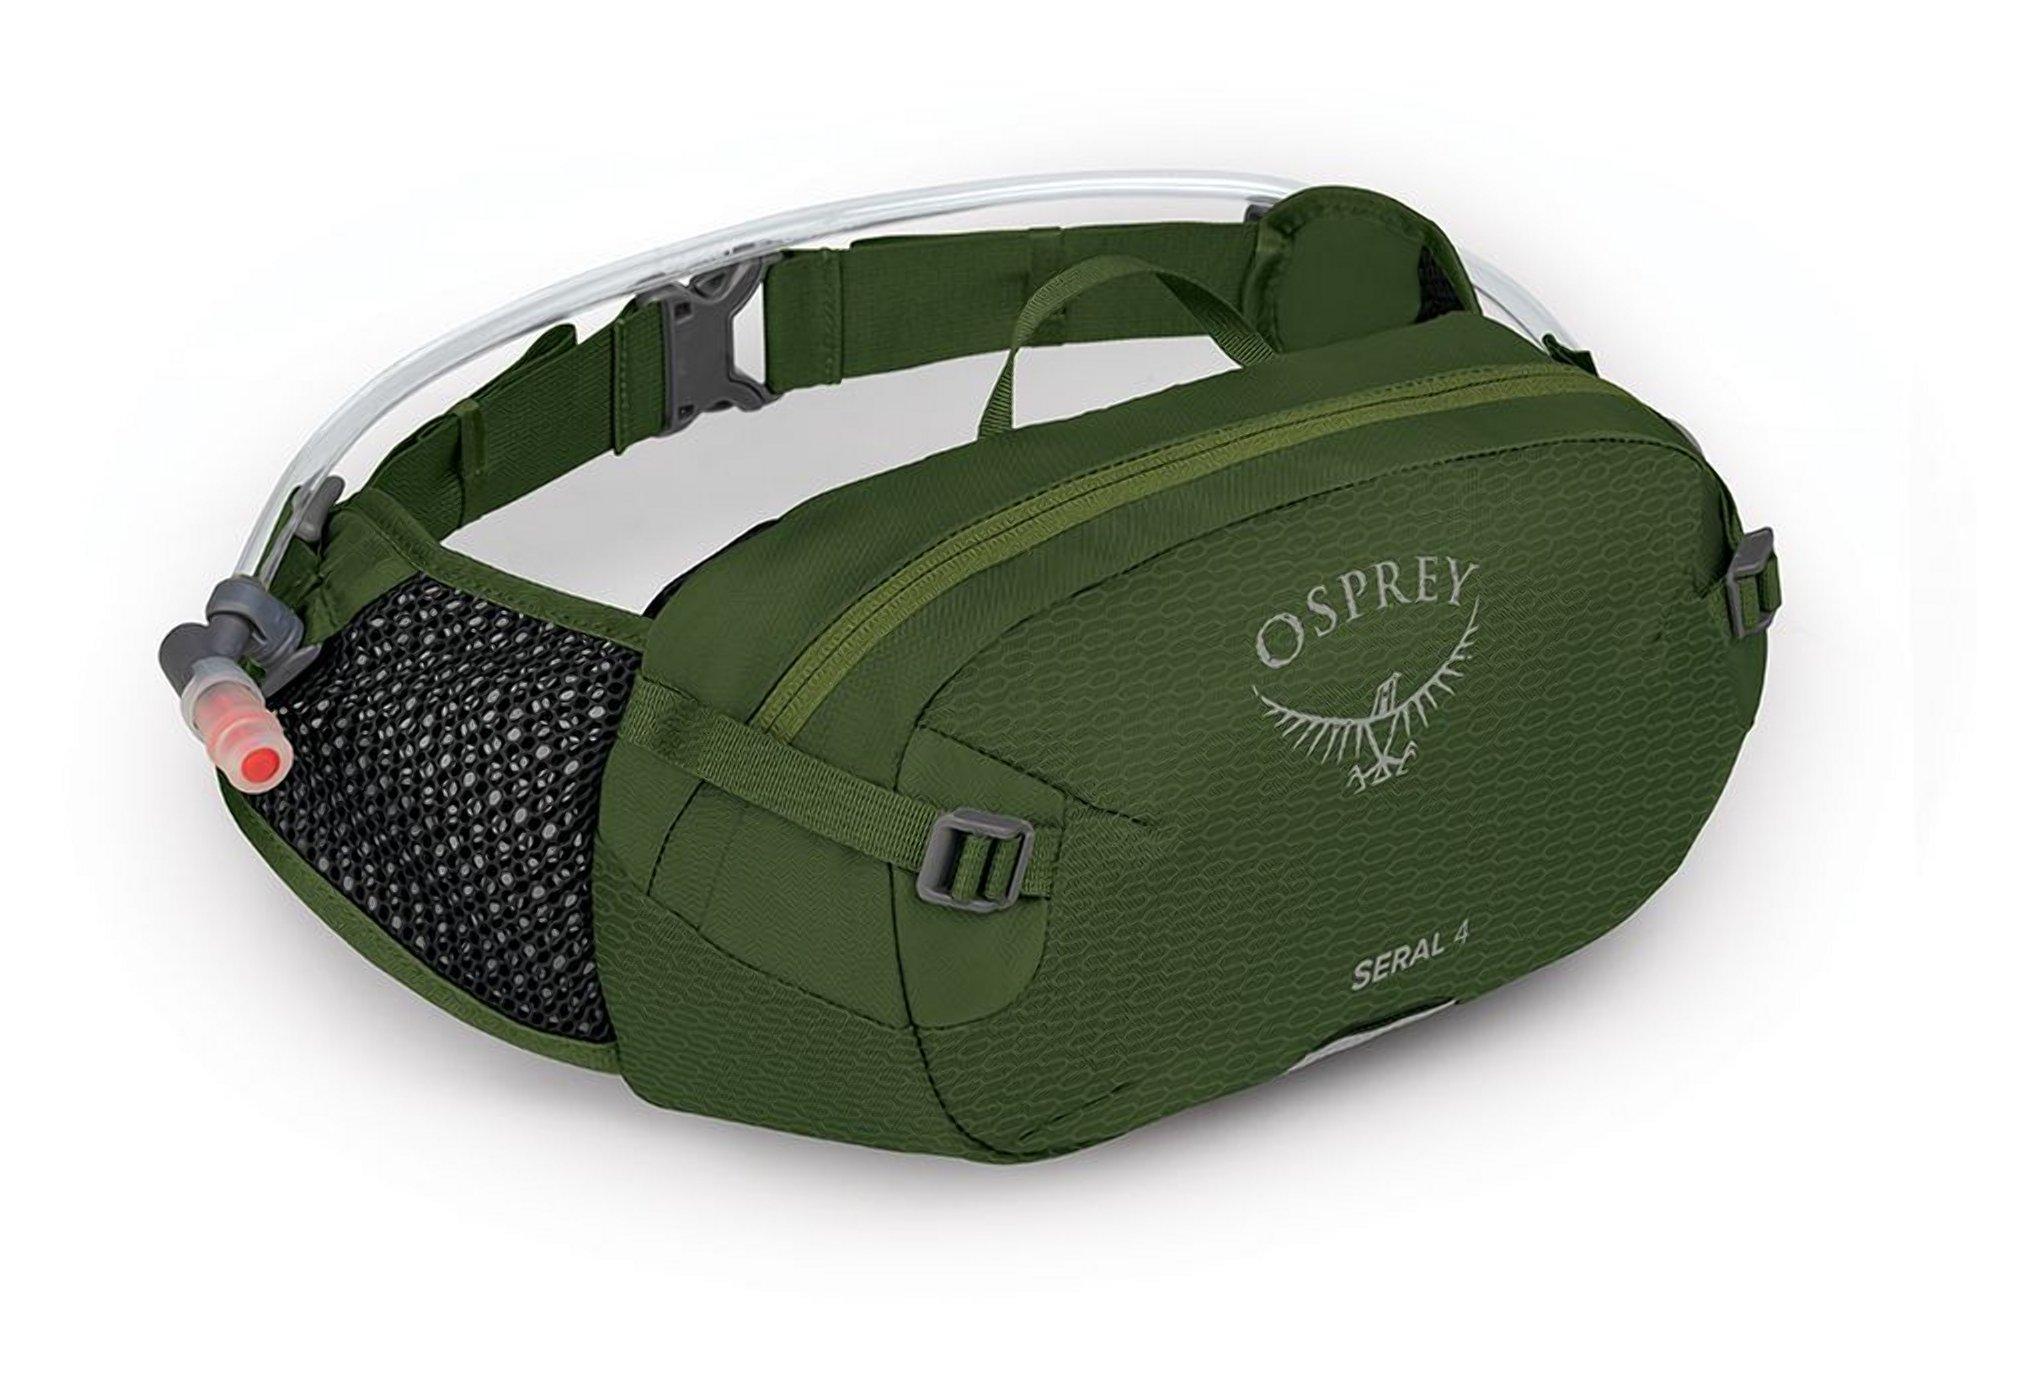 Osprey Seral 4 Ceinture / porte dossard